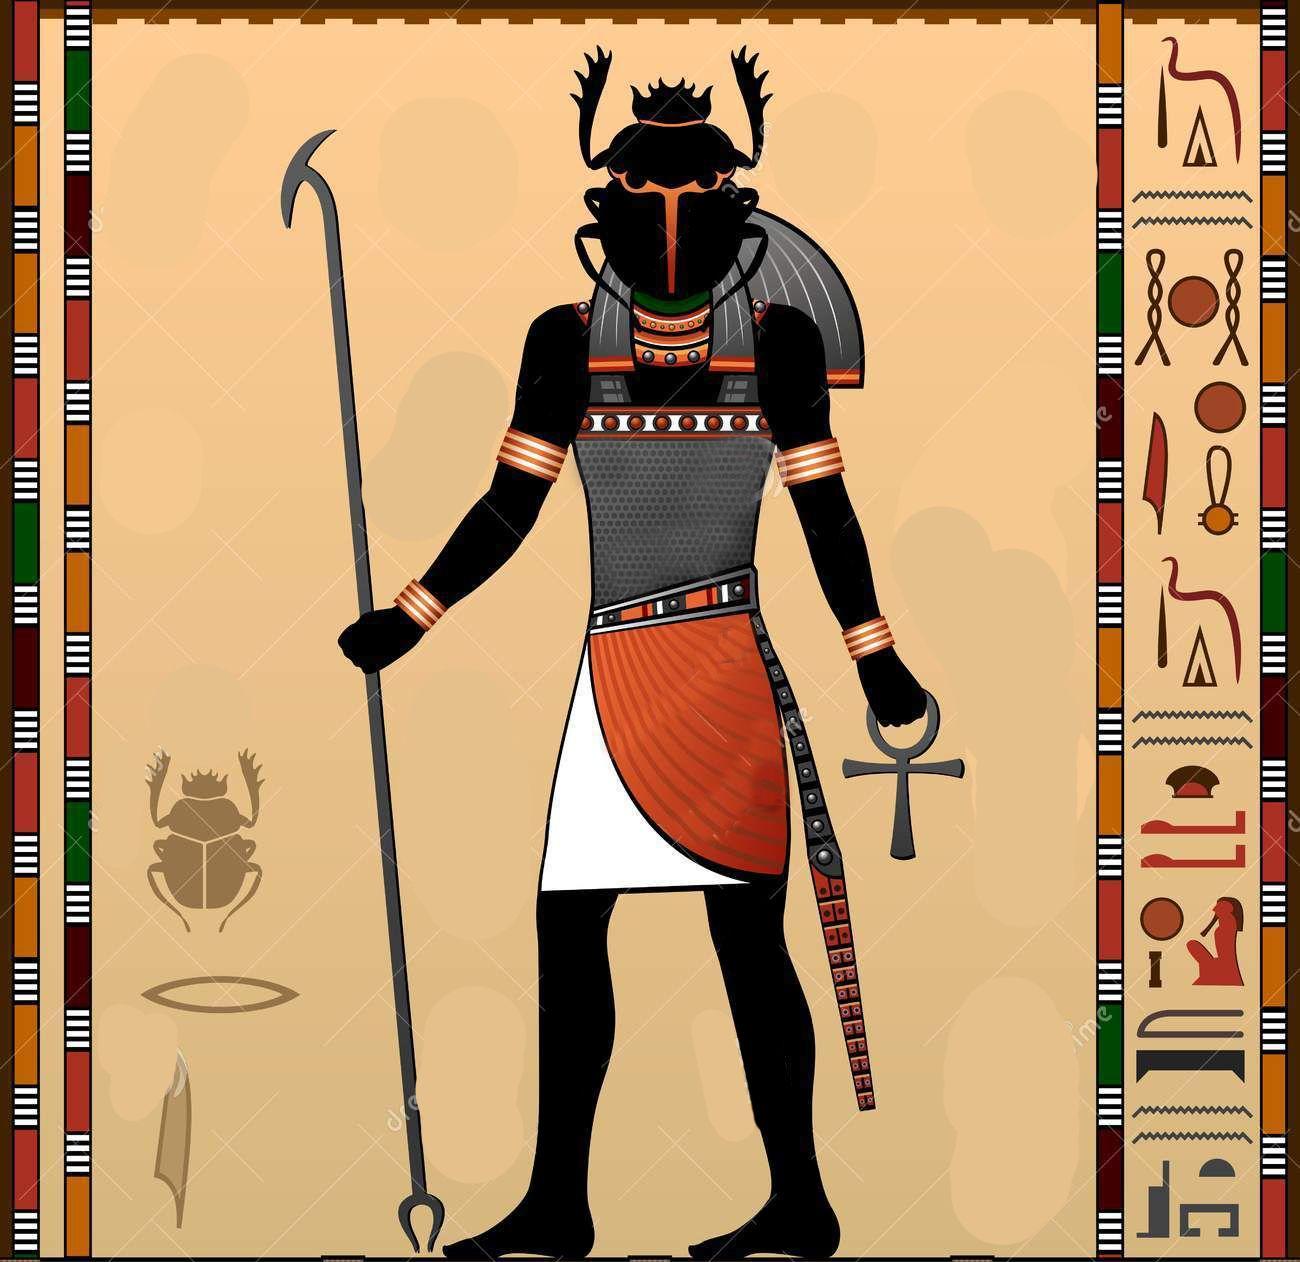 Jepri Dios Creador Dioses Egipcios Mitologia Egipcia Dioses